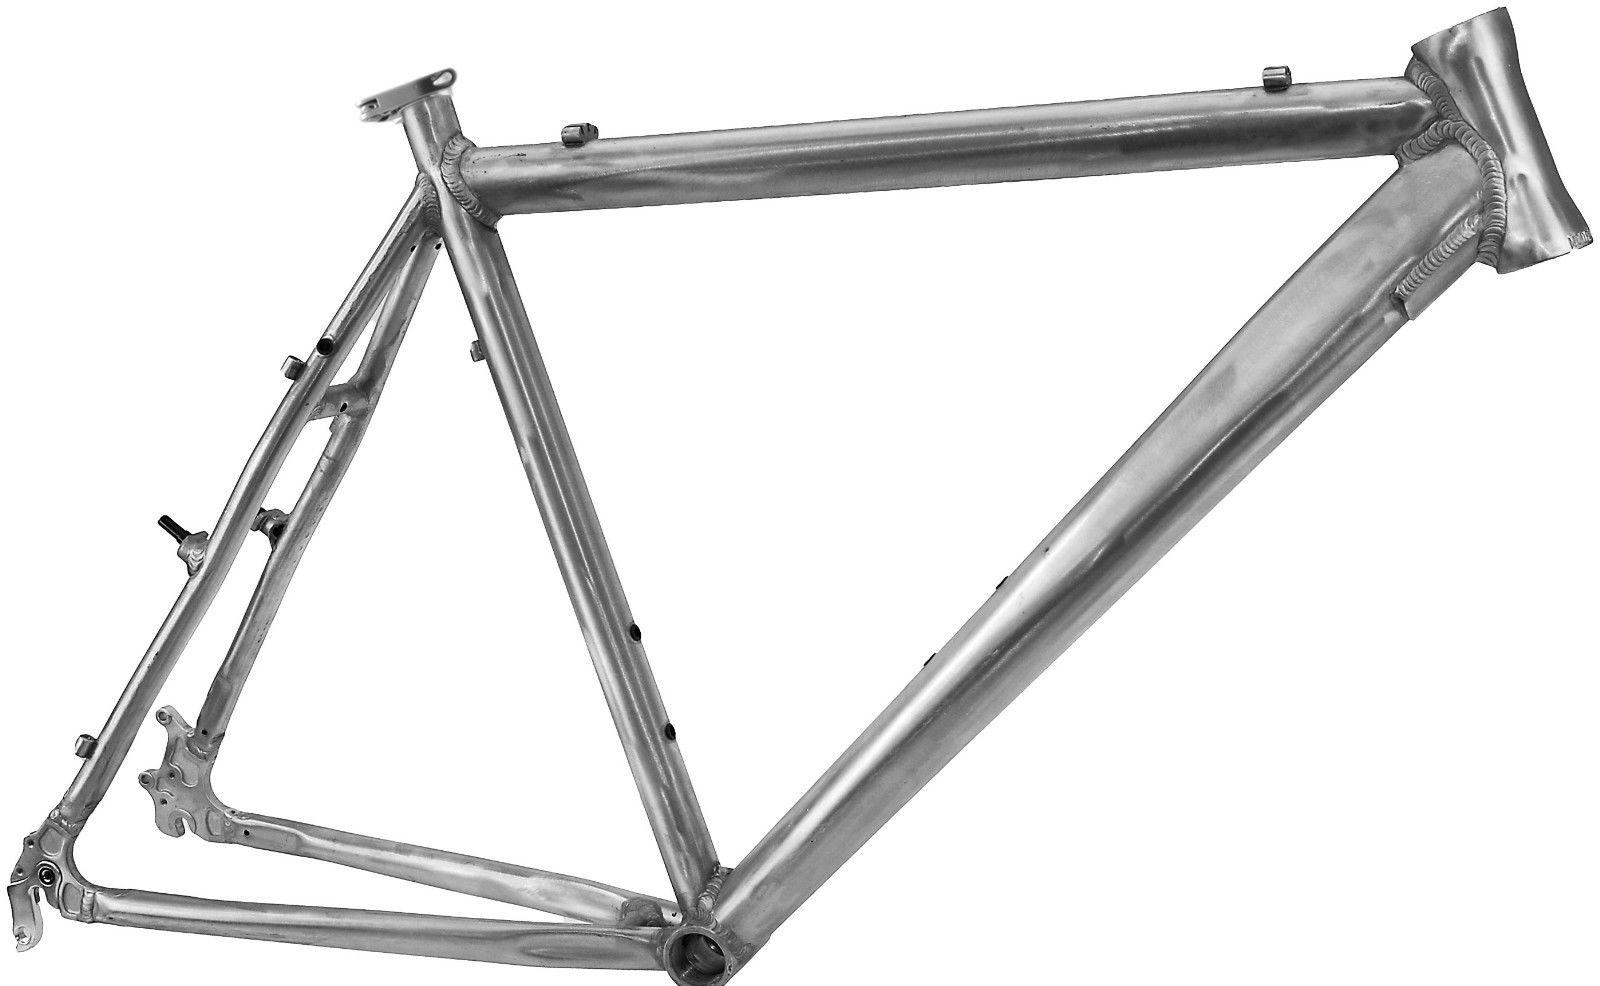 Cuadros, Chasis : Bikespain.es, Recambios y Componentes de Bicicleta ...